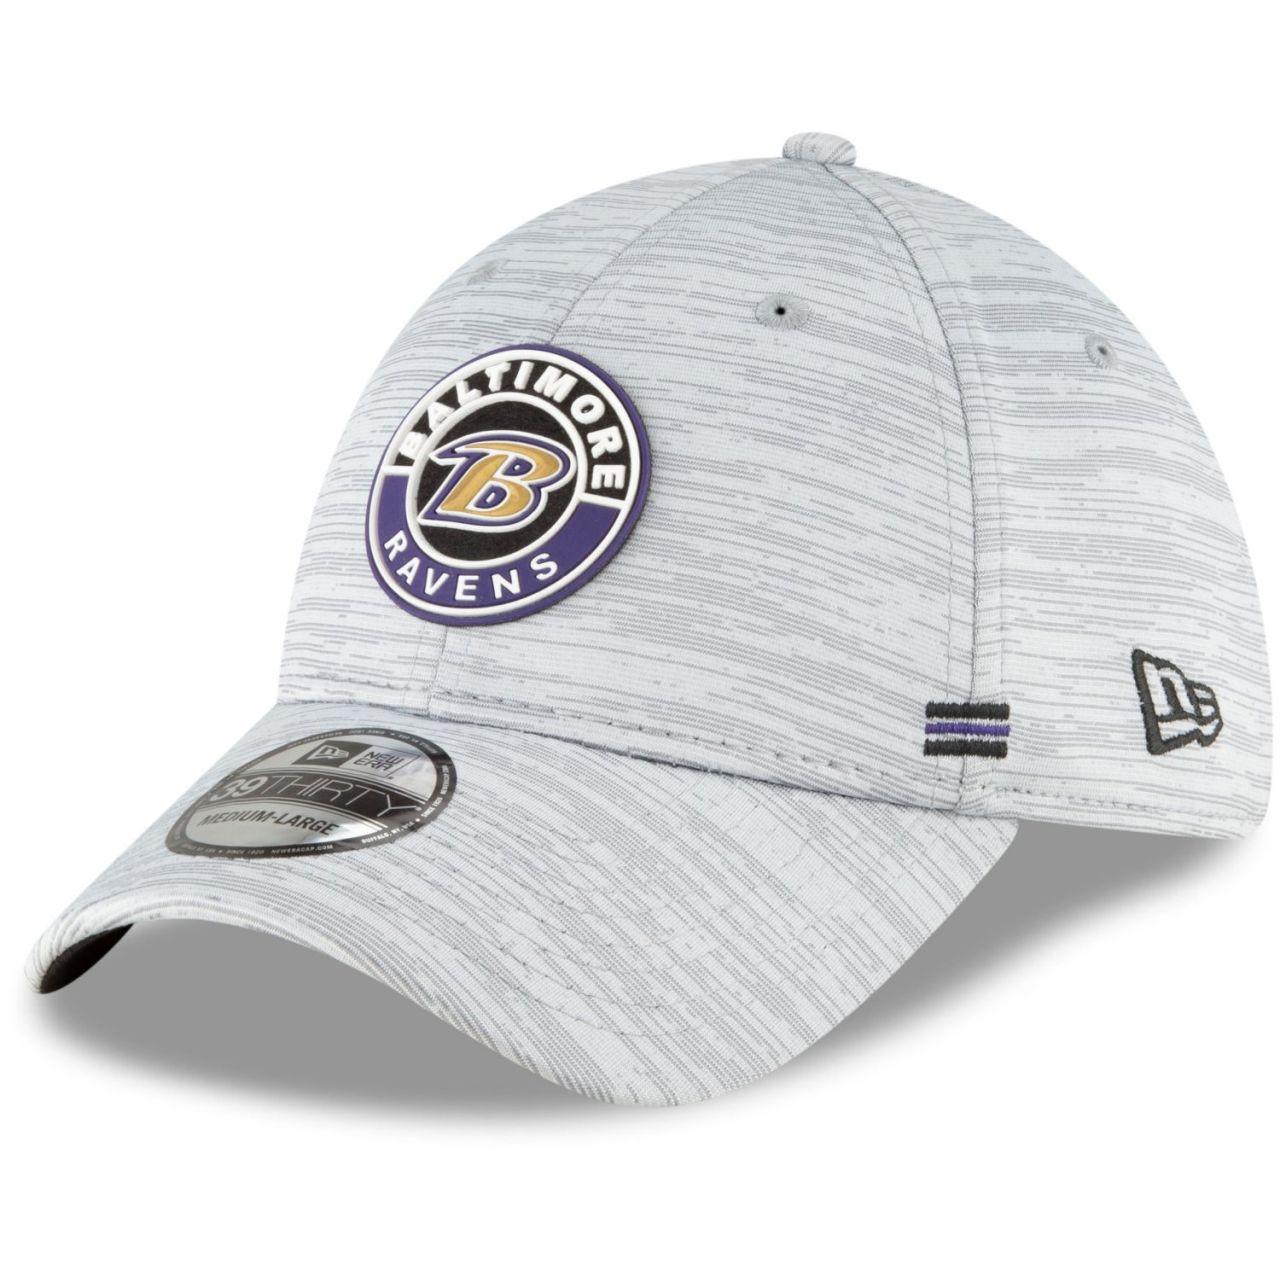 amfoo - New Era 39Thirty Cap - SIDELINE 2020 Baltimore Ravens